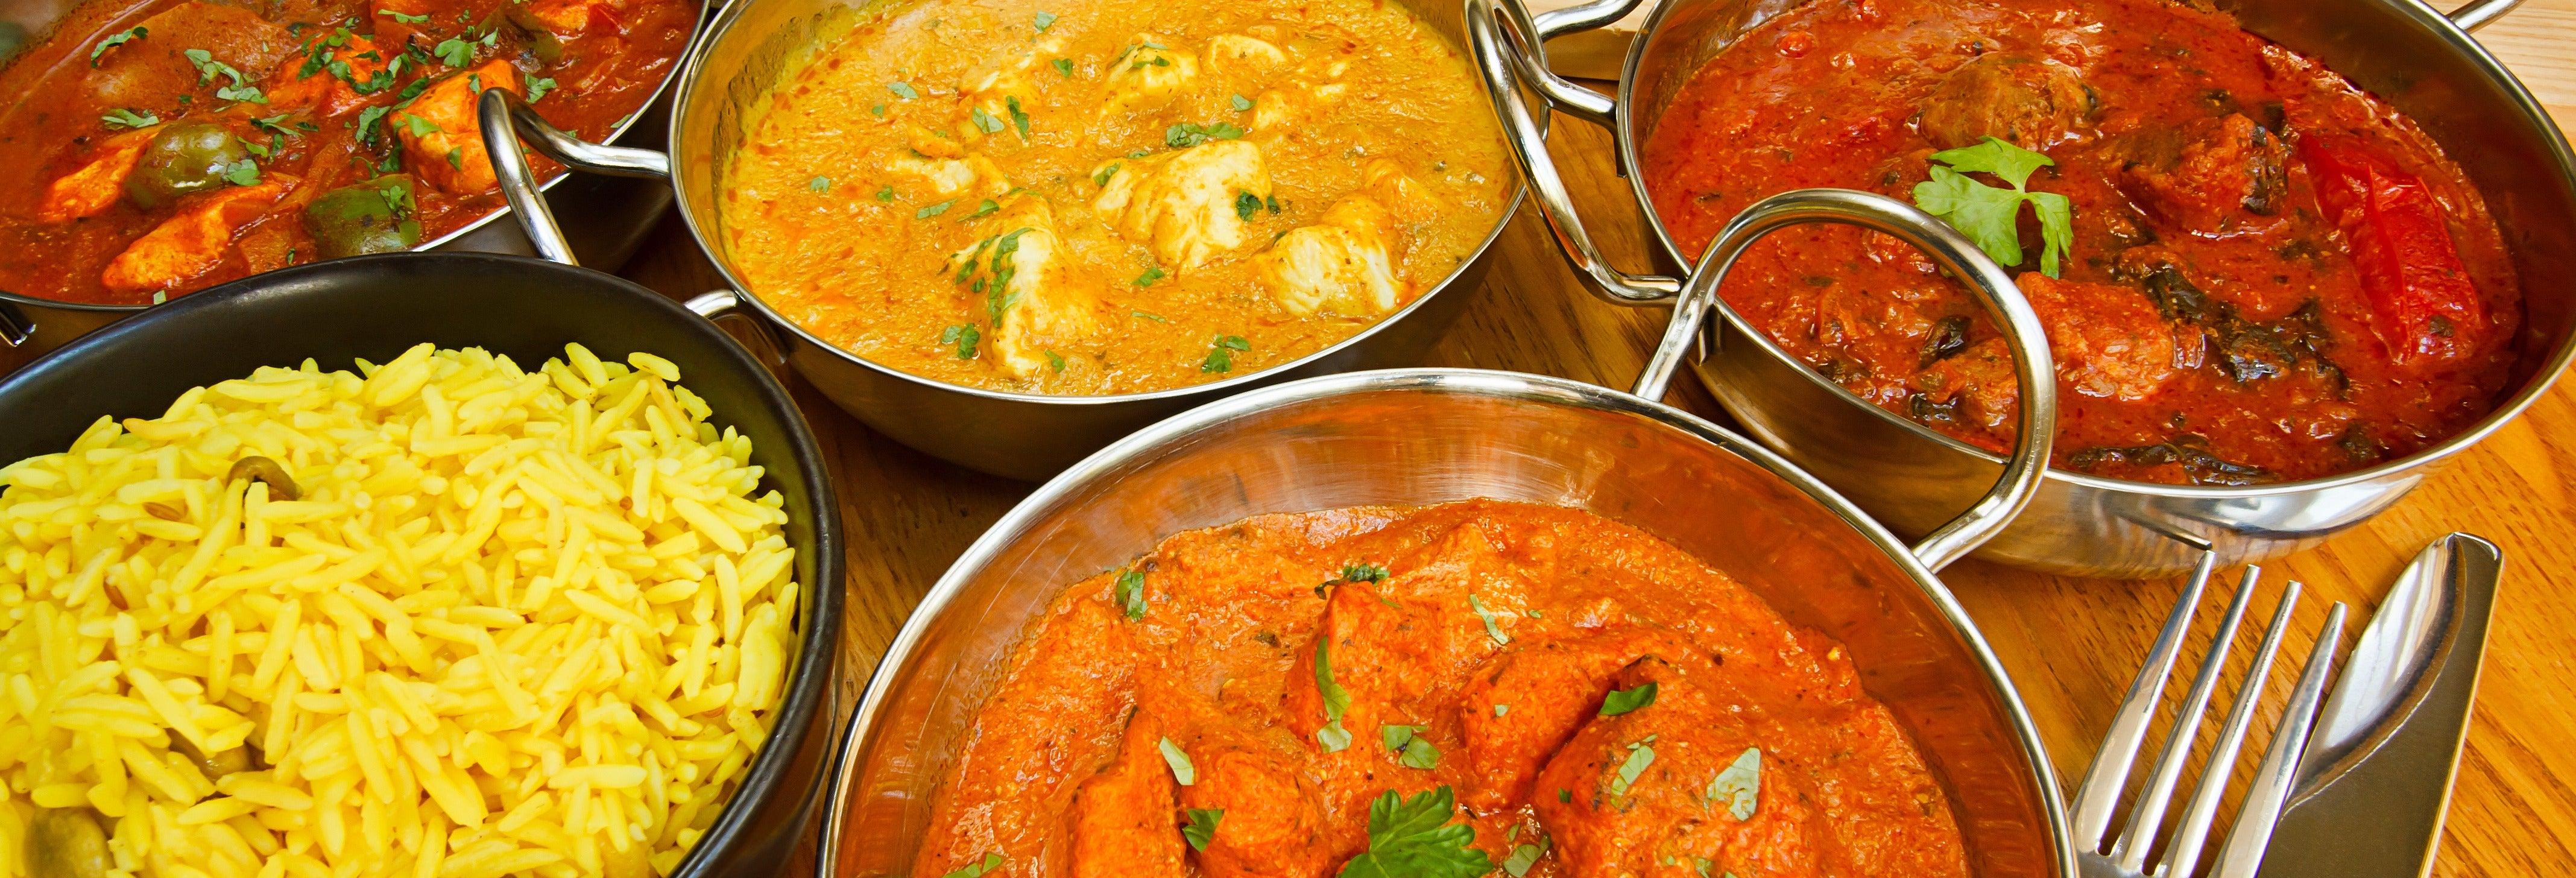 Visite gastronomique dans Bangalore